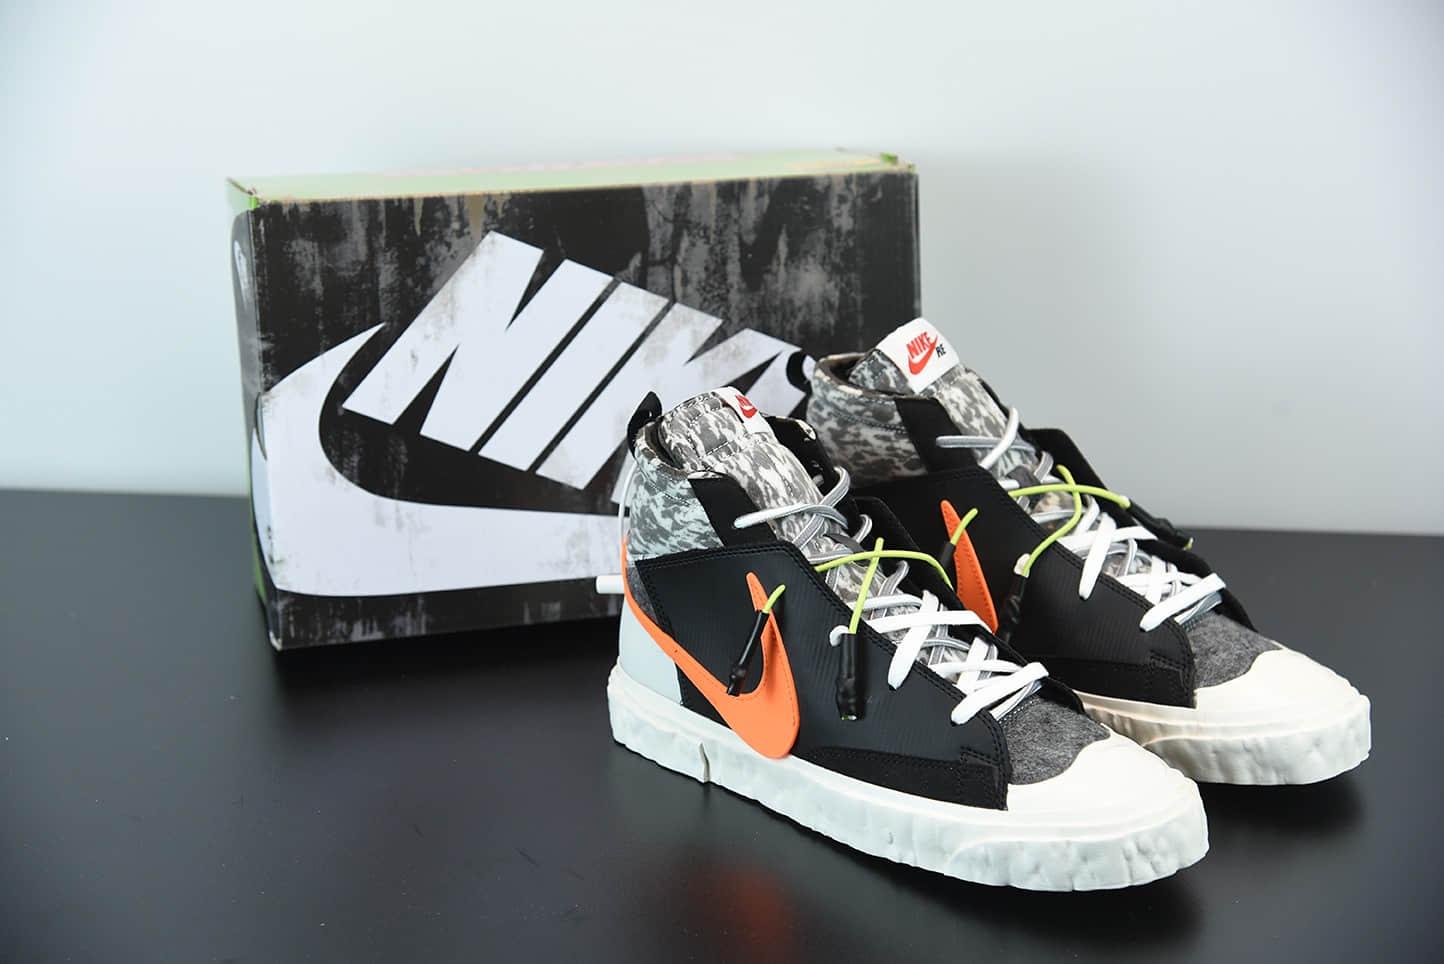 耐克READYMADE x Nike Blazer Mid 周杰伦同款黑橙解构中帮板鞋纯原版本 货号:CZ3589-001